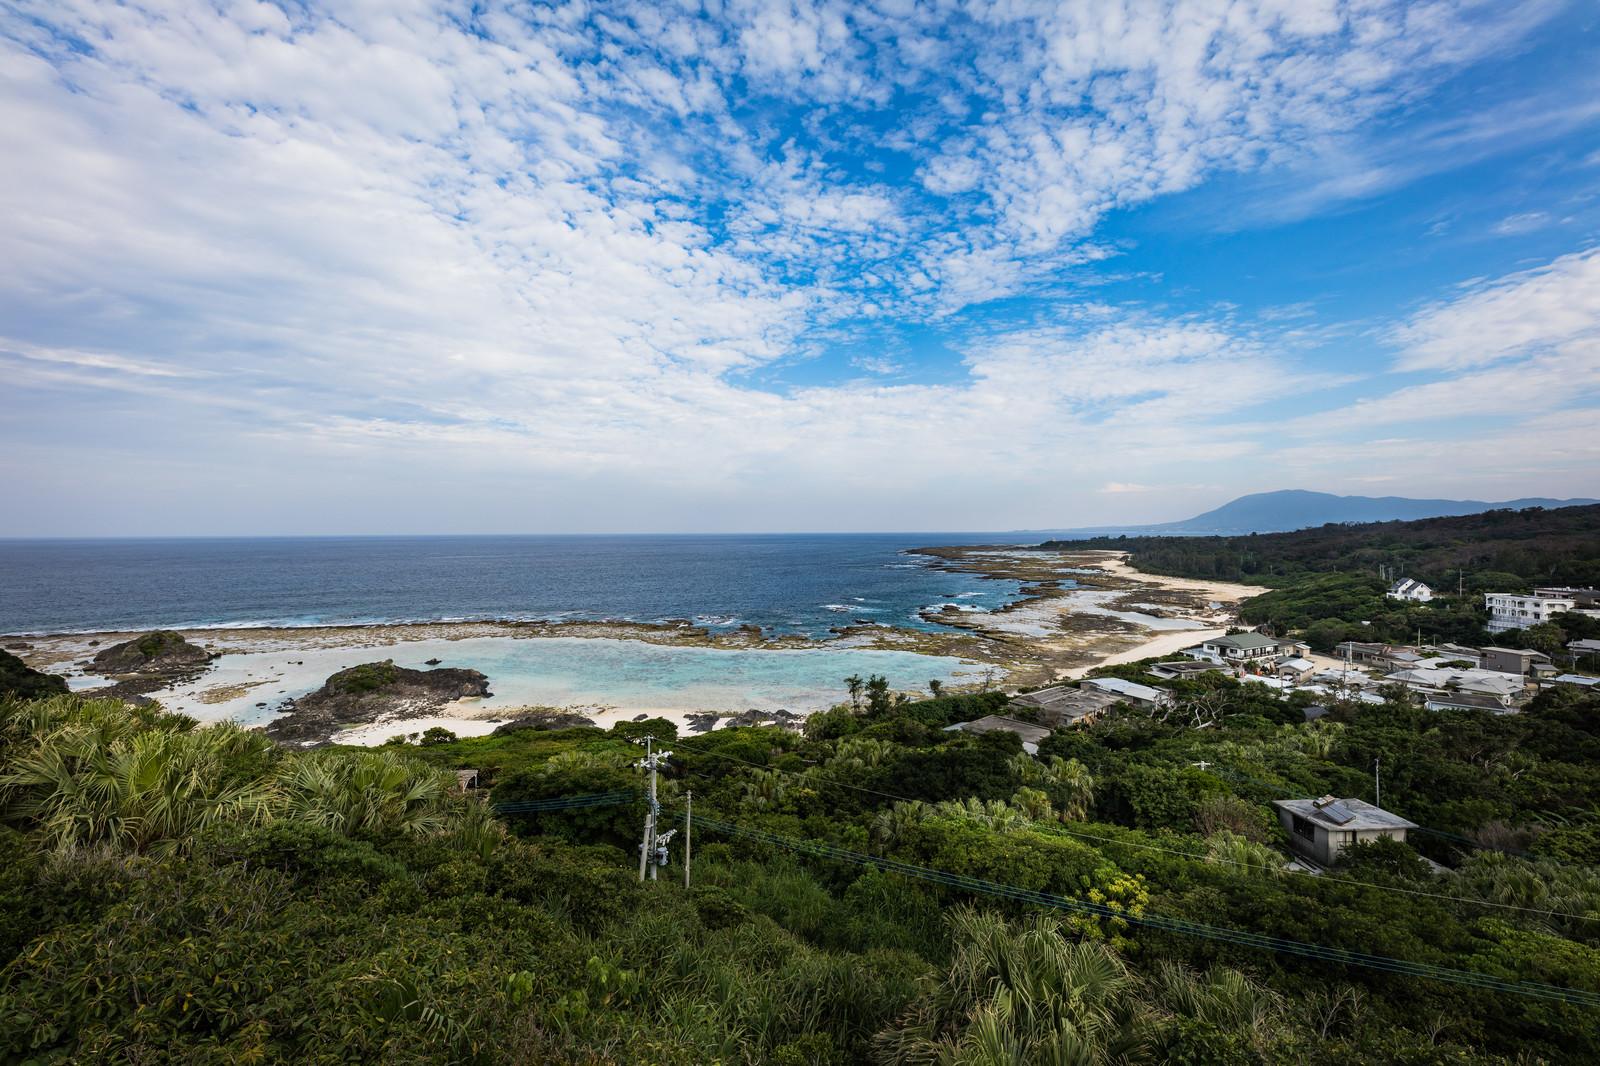 「奄美大島の離島、長寿の島と呼ばれる徳之島のおすすめやアクセス方法を紹介!」のアイキャッチ画像